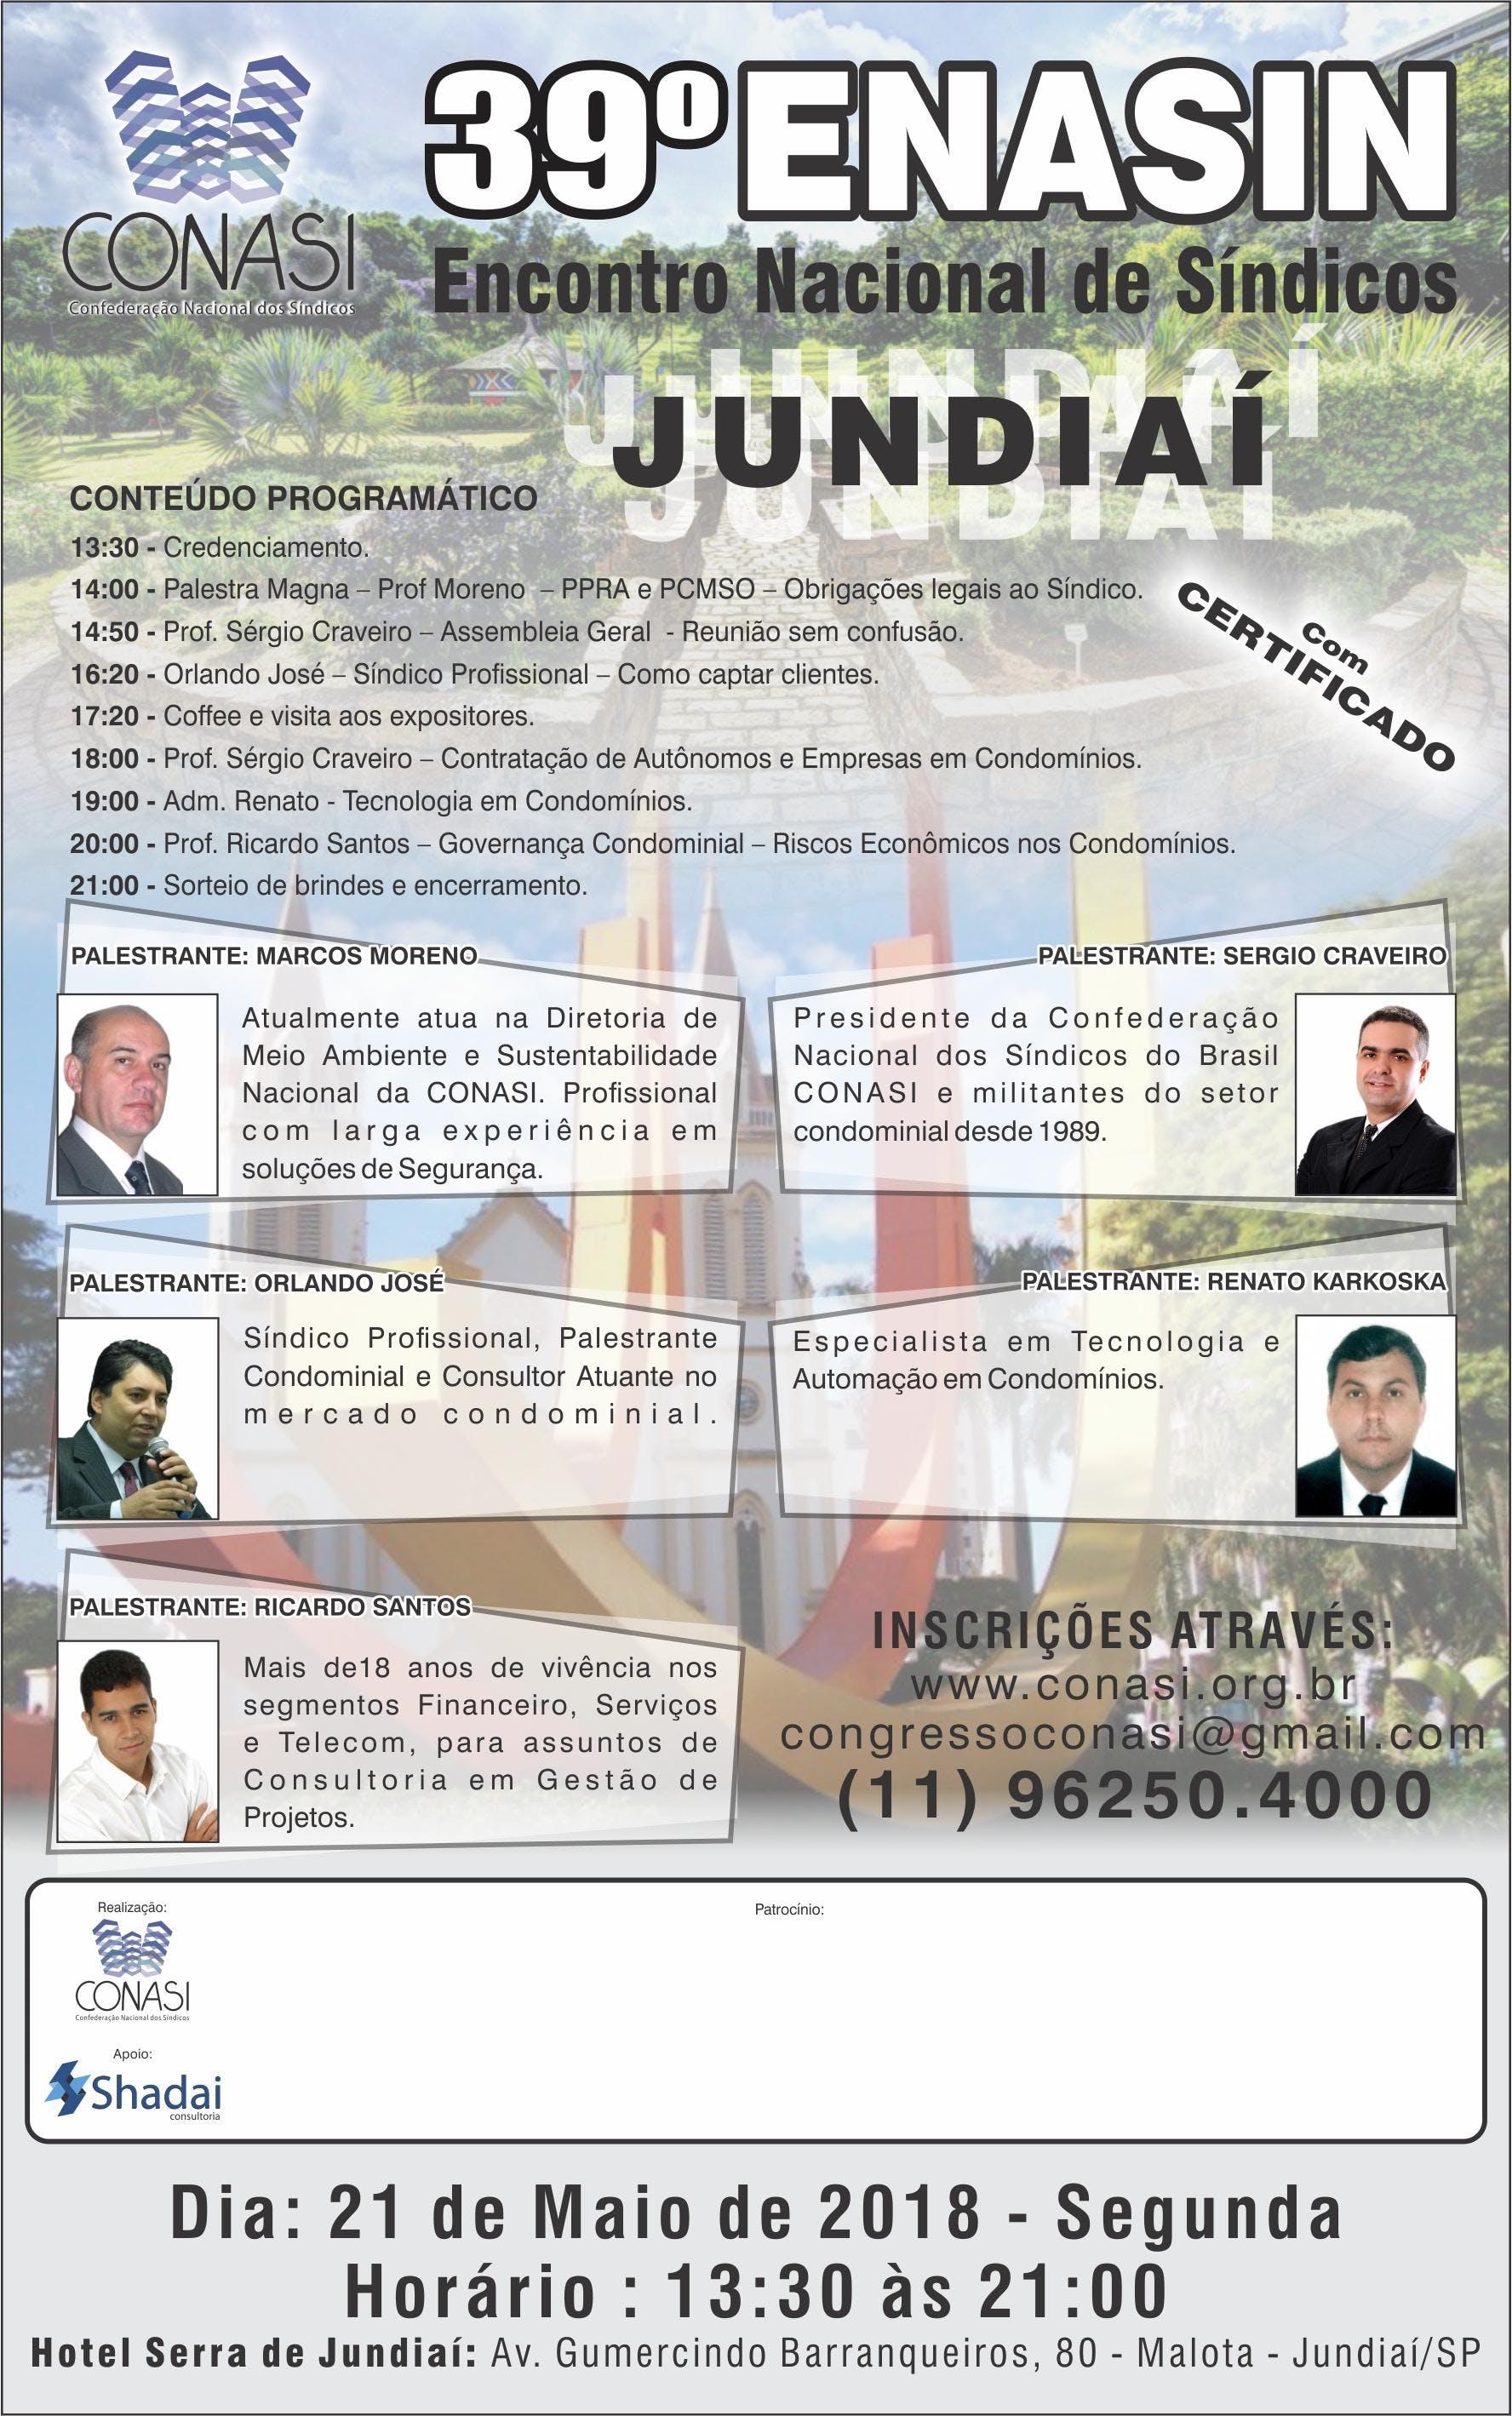 39 - ENASIN da CONASI - Jundia - SP - Encontro Nacional de Sndicos